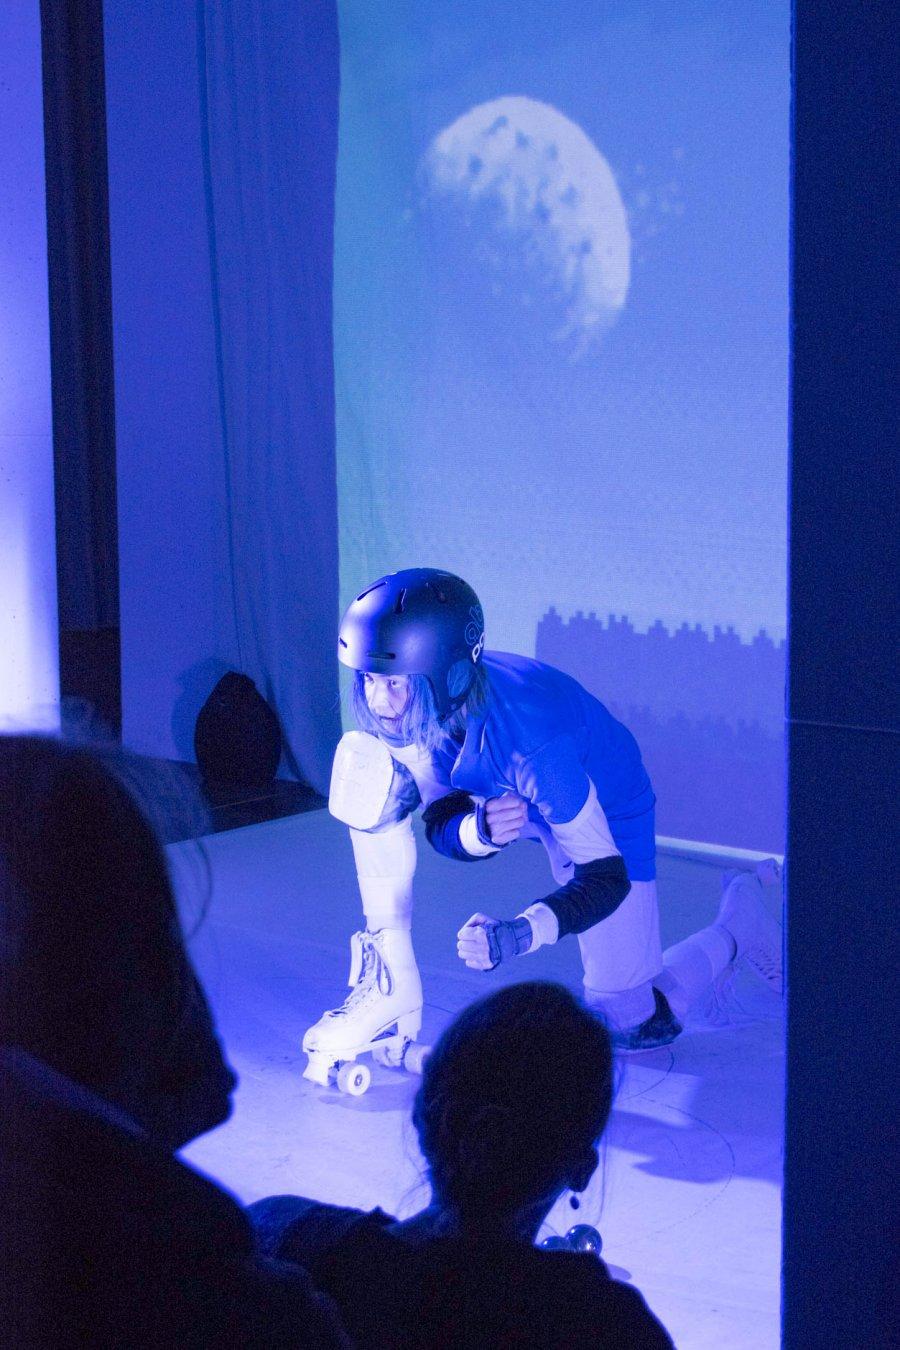 Intertopia_Mezzanintheater6_@_esc_medien-kunst-labor_©_Foto:_Felicitas-Pilz